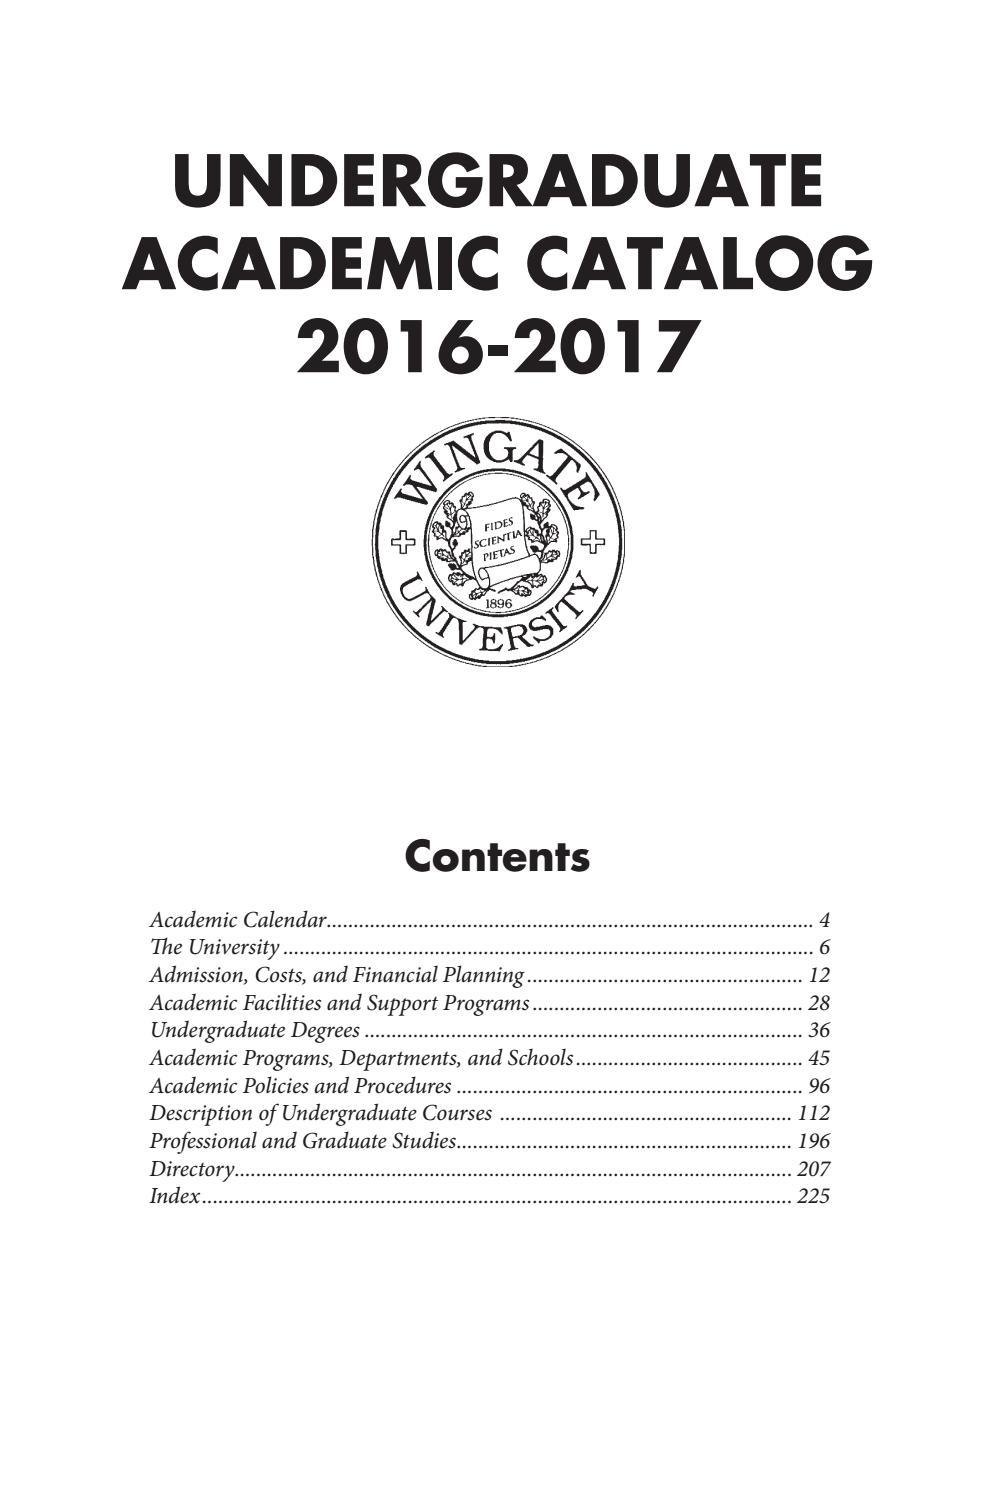 Ohio University Academic Calendar.2016 17 Undergraduate Catalog By Wingate University Issuu